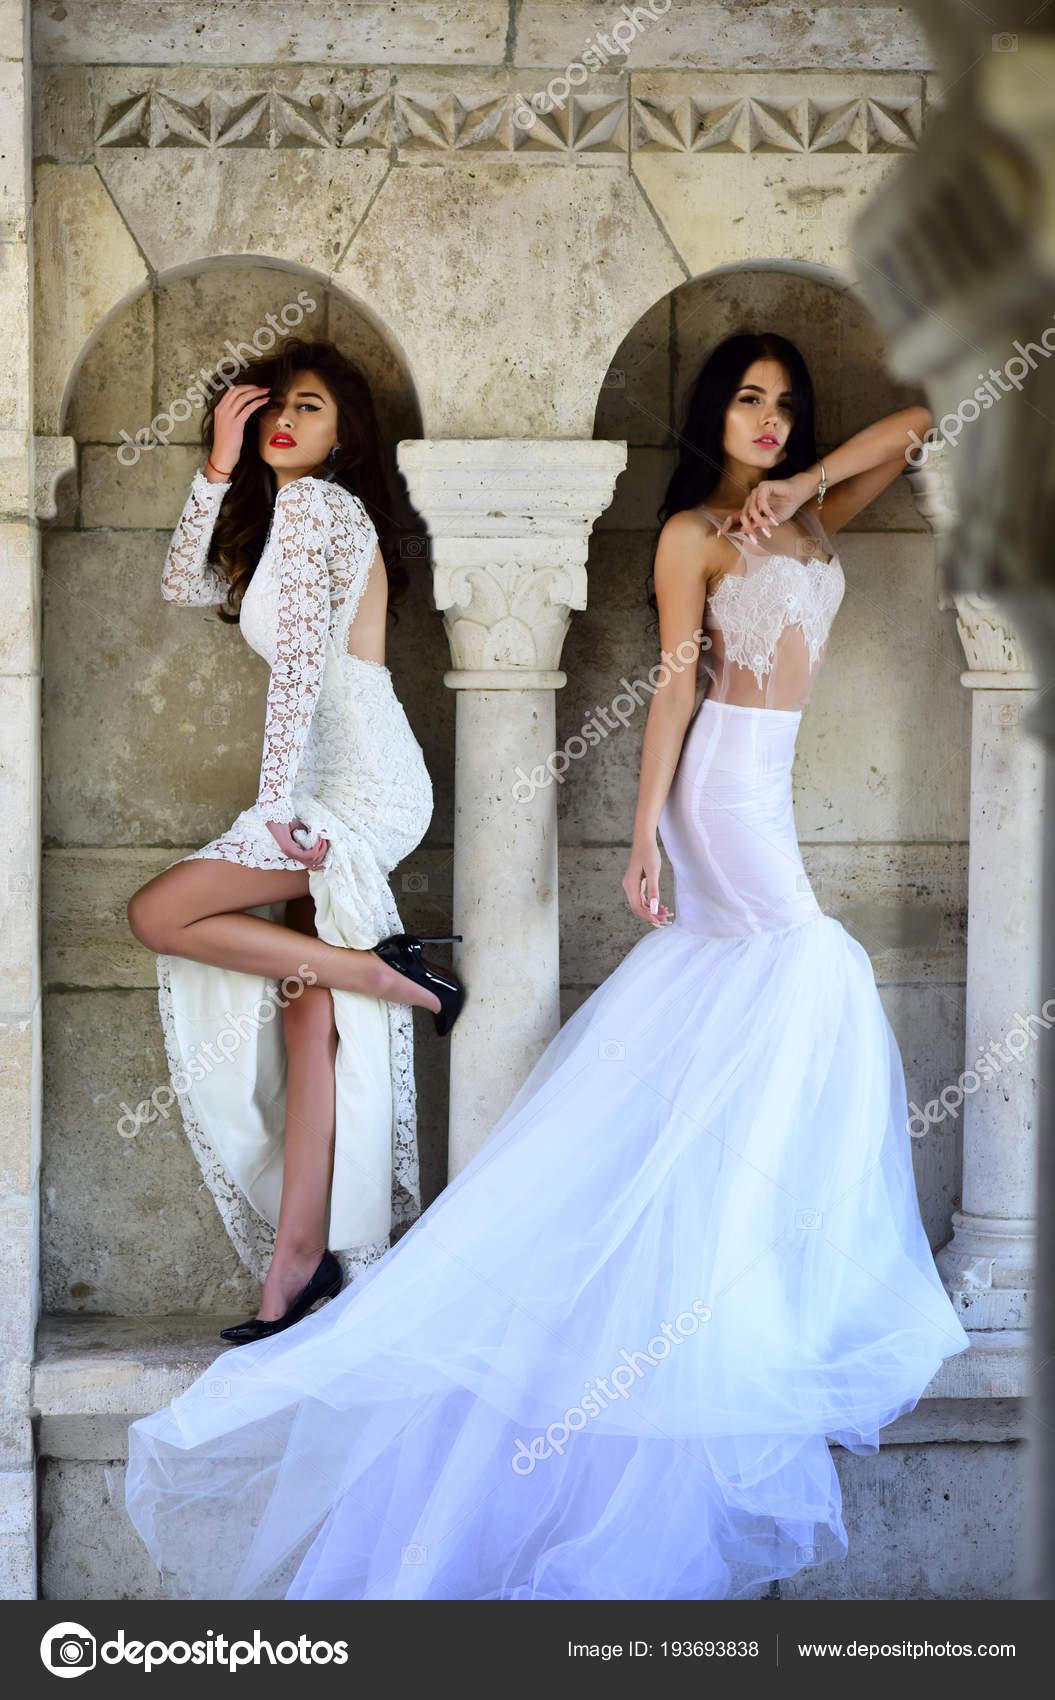 a8dc7d34c8 Princesa Vestido Modelo Moda Boda Moda Salón Belleza Chicas Sexy — Foto de  Stock